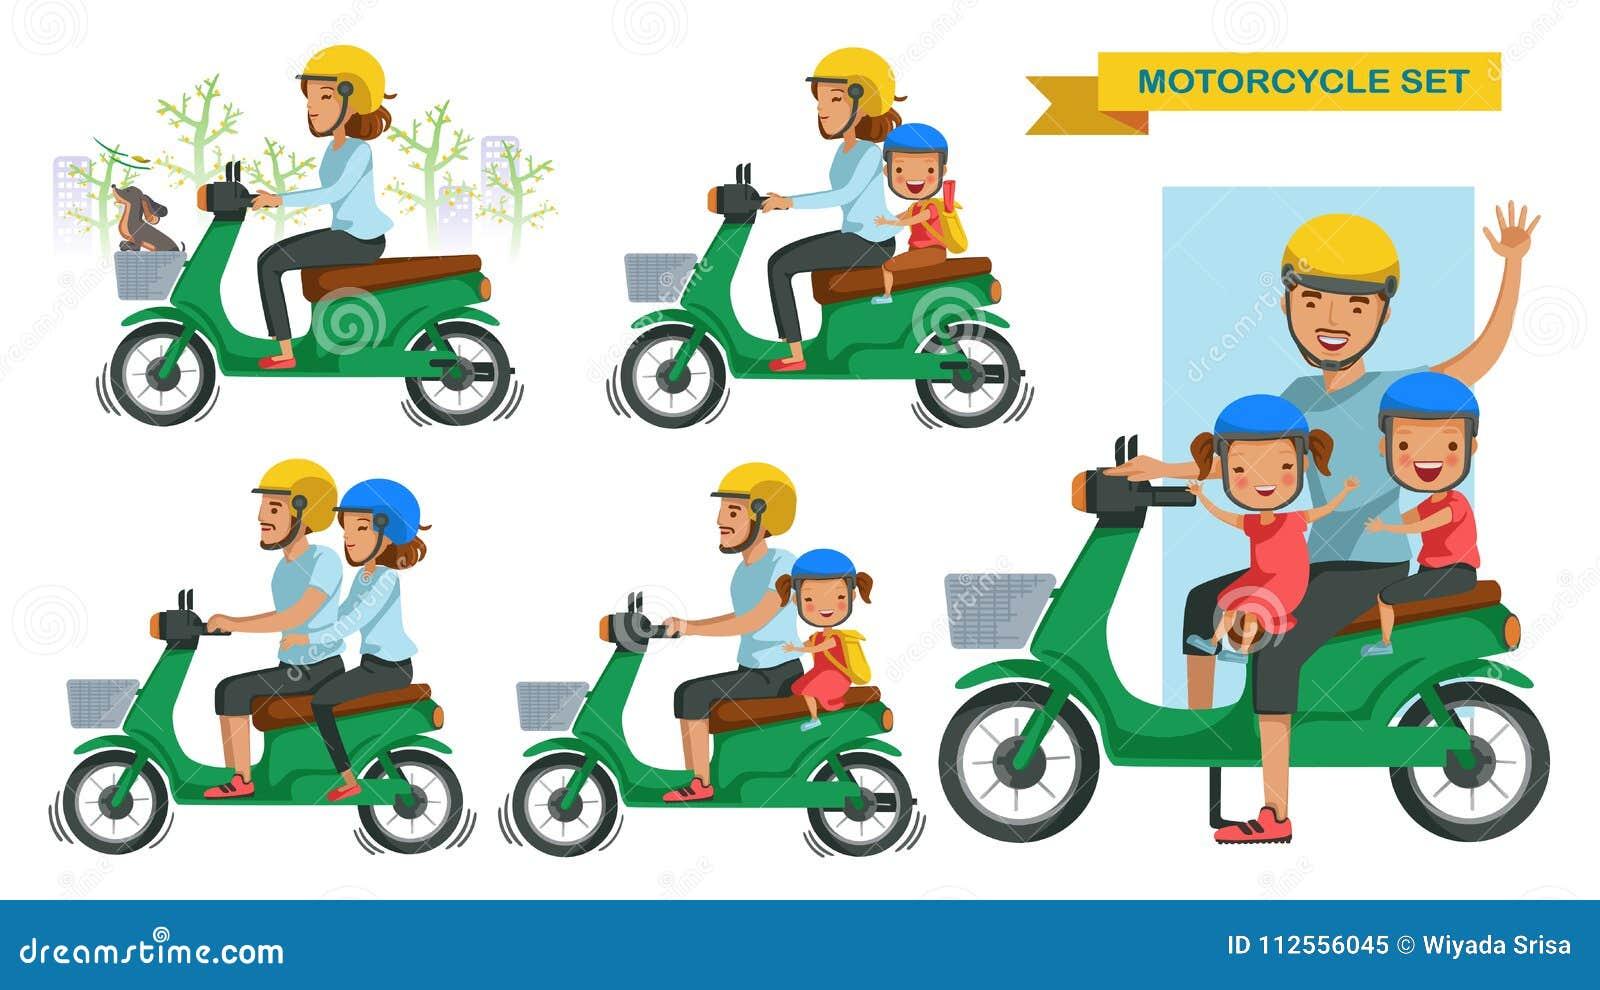 骑马摩托车集合